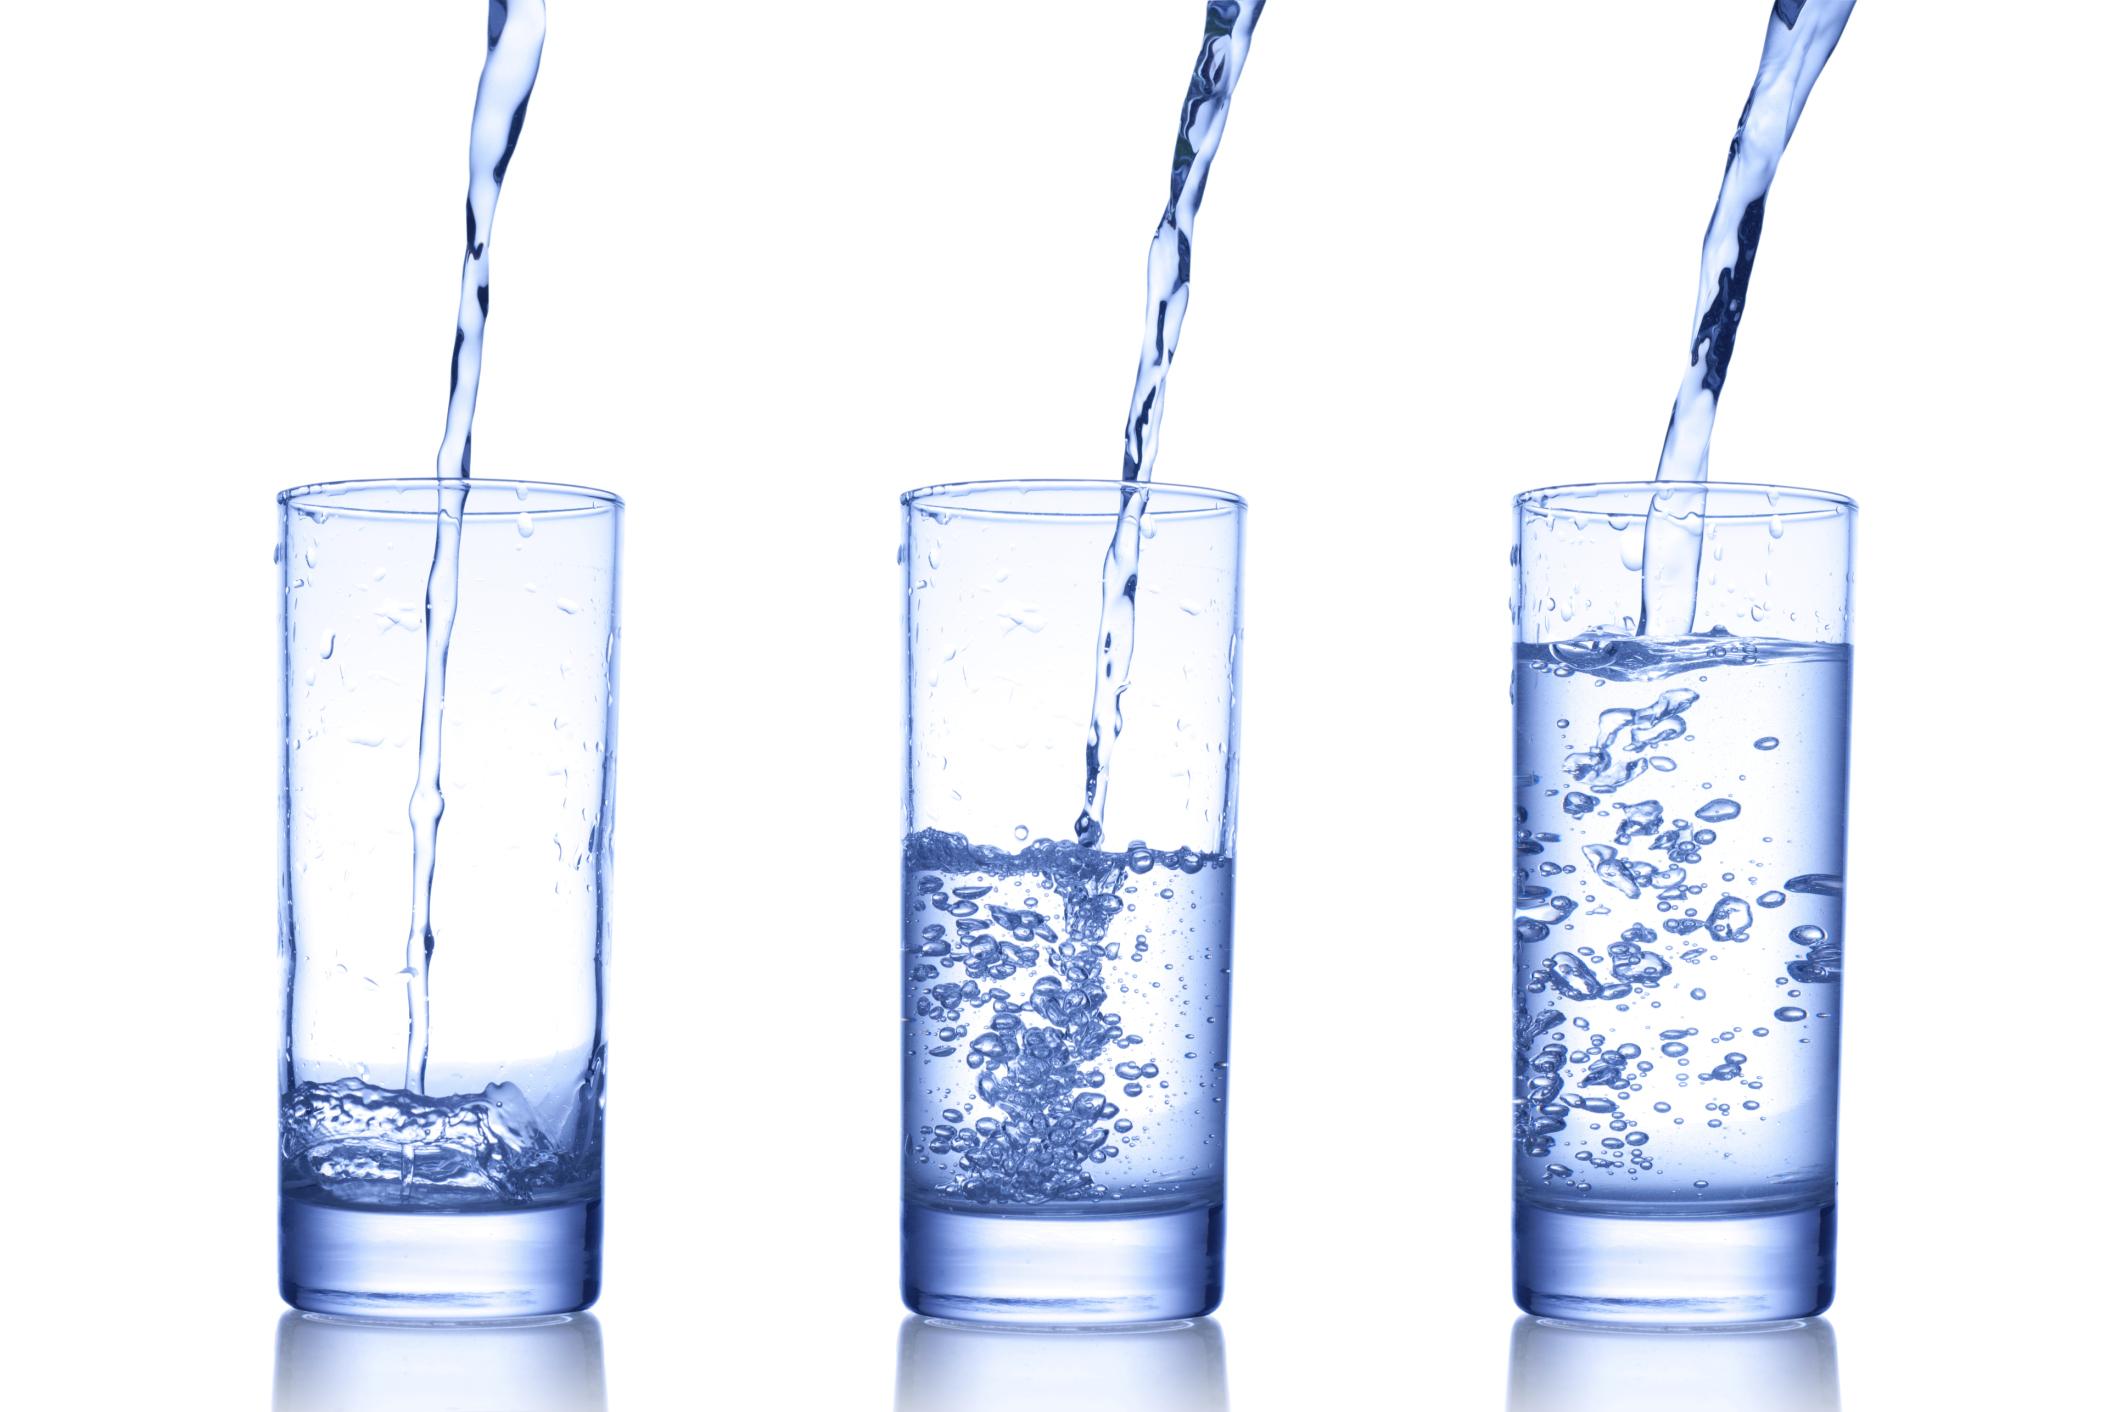 Come scegliere l acqua da bere - Giusta pressione dell acqua in casa ...